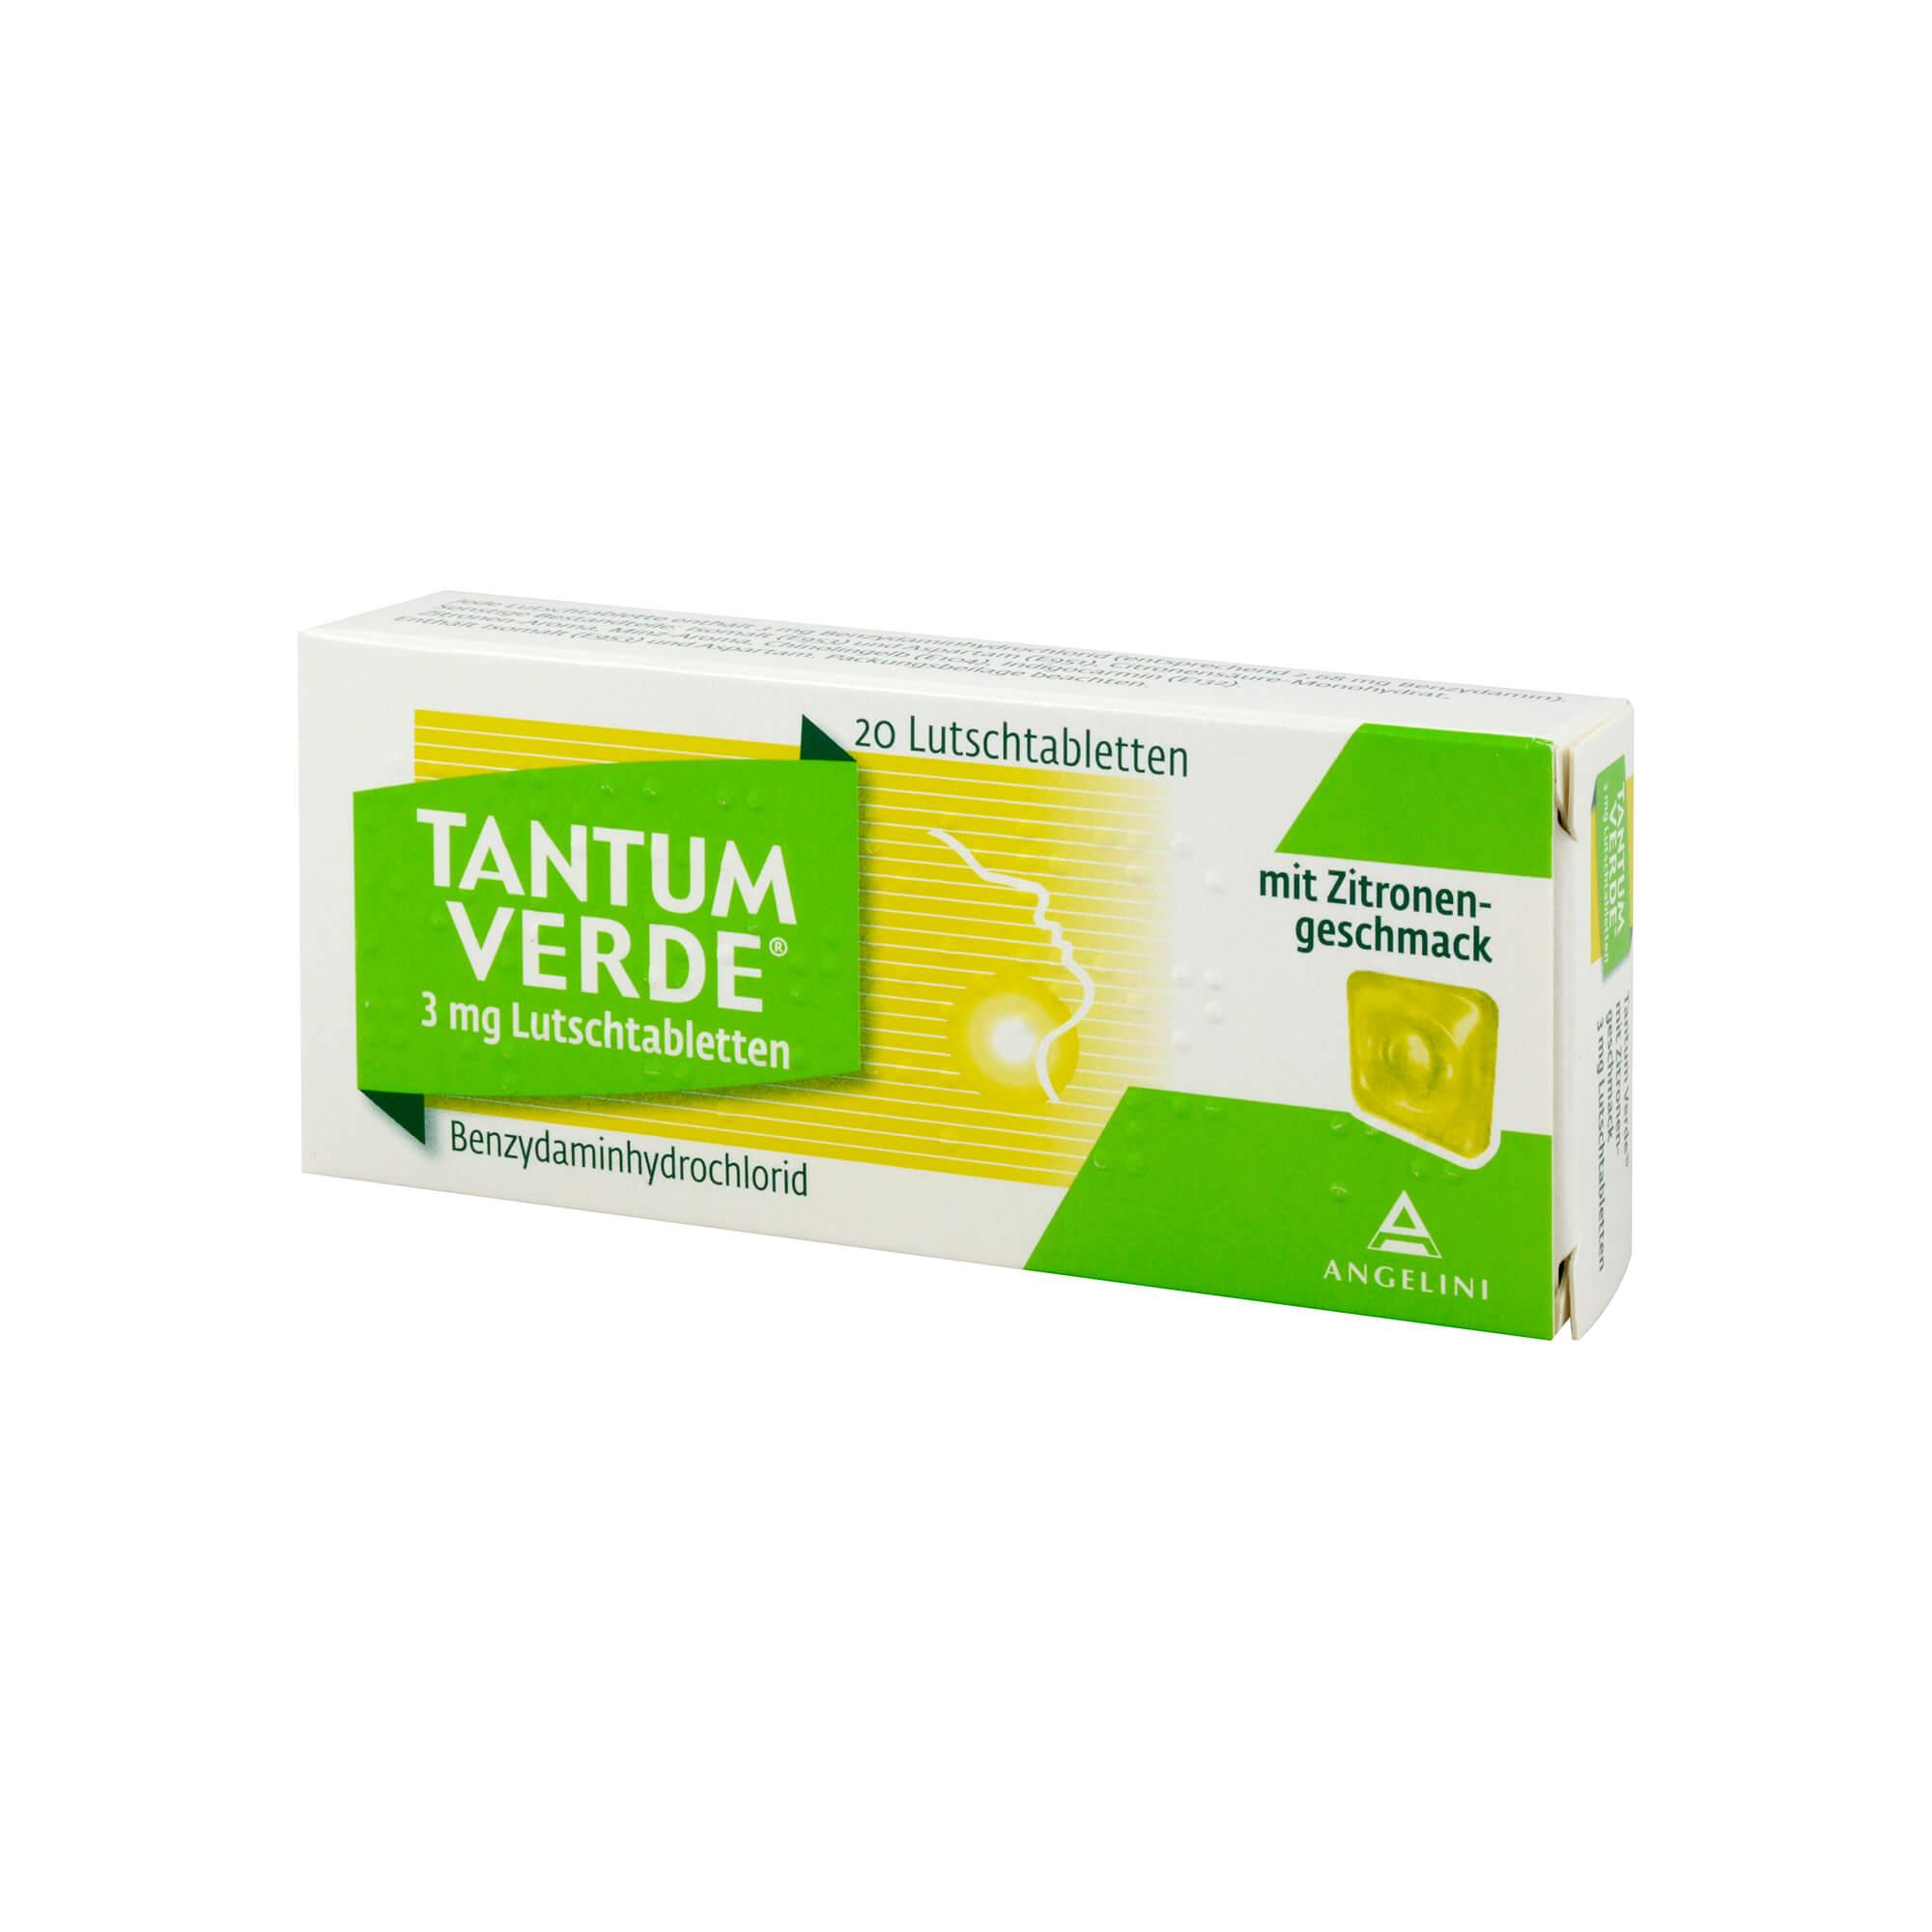 Tantum Verde 3 mg mit Zitronengeschmack Lutschtabletten